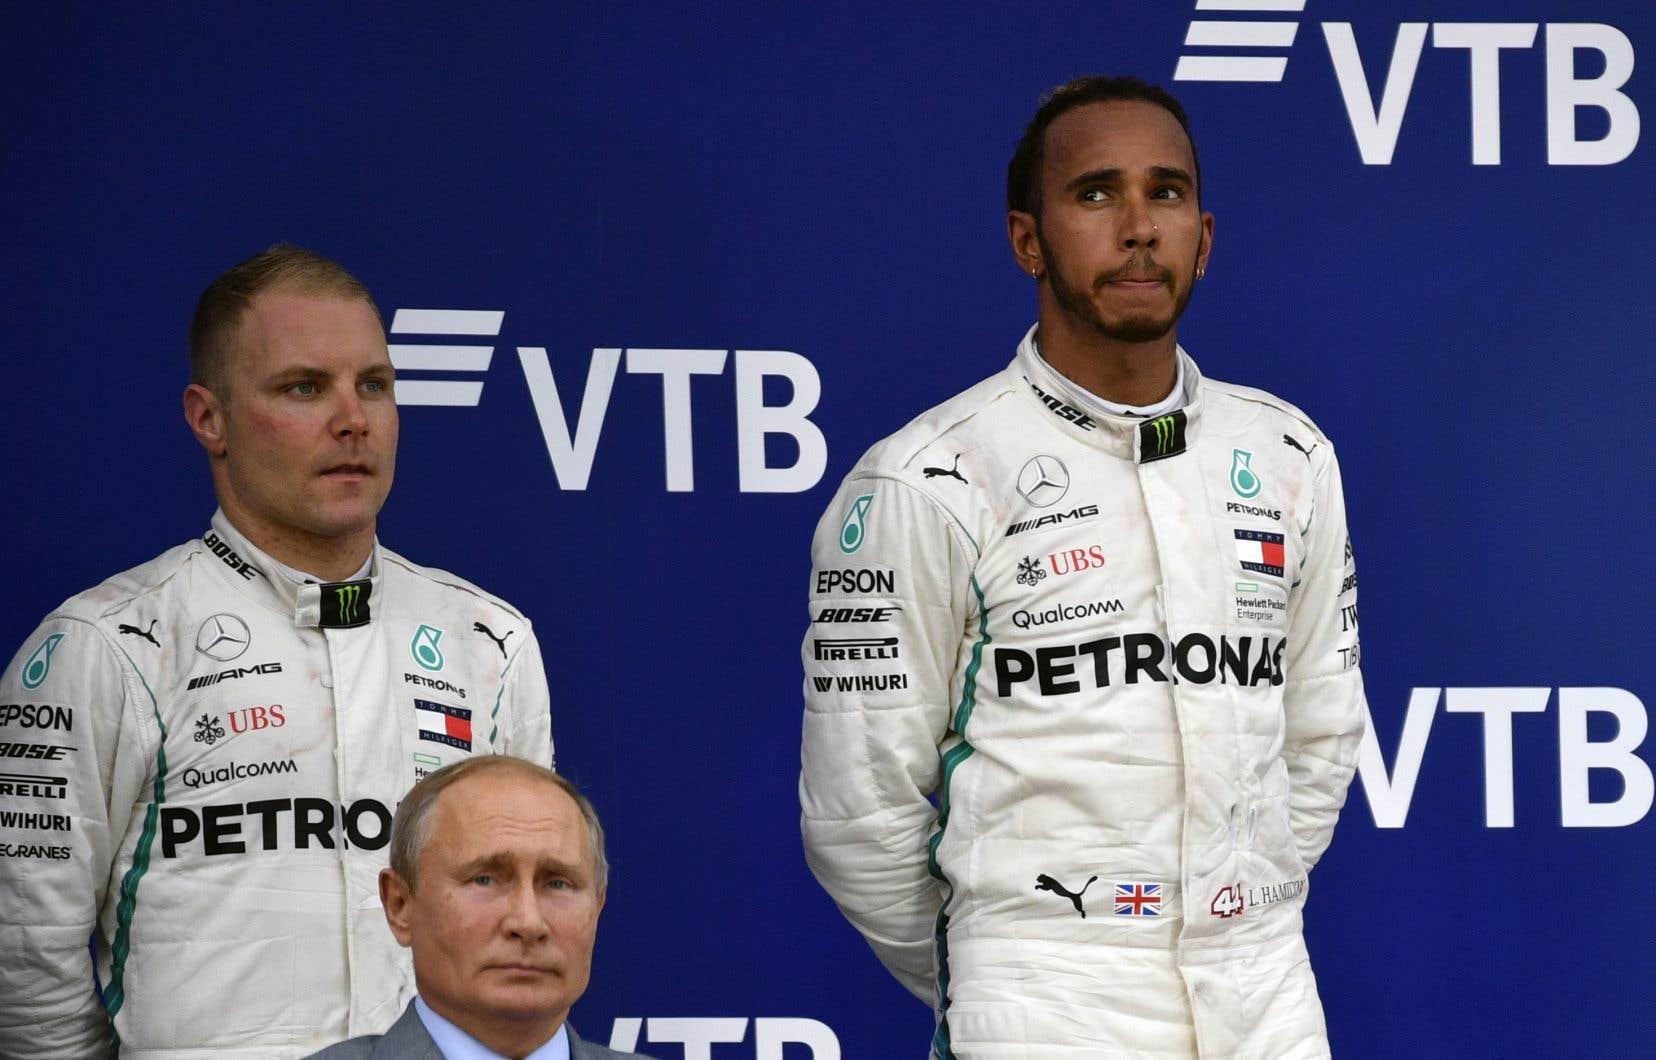 Le Britannique Lewis Hamilton (à droite) et le Finlandais Valtteri Bottas se tiennent sur le podium à côté du président russe Vladimir Poutine après le Grand Prix de Formule 1 de Russie,sur le circuit de Sotchi.